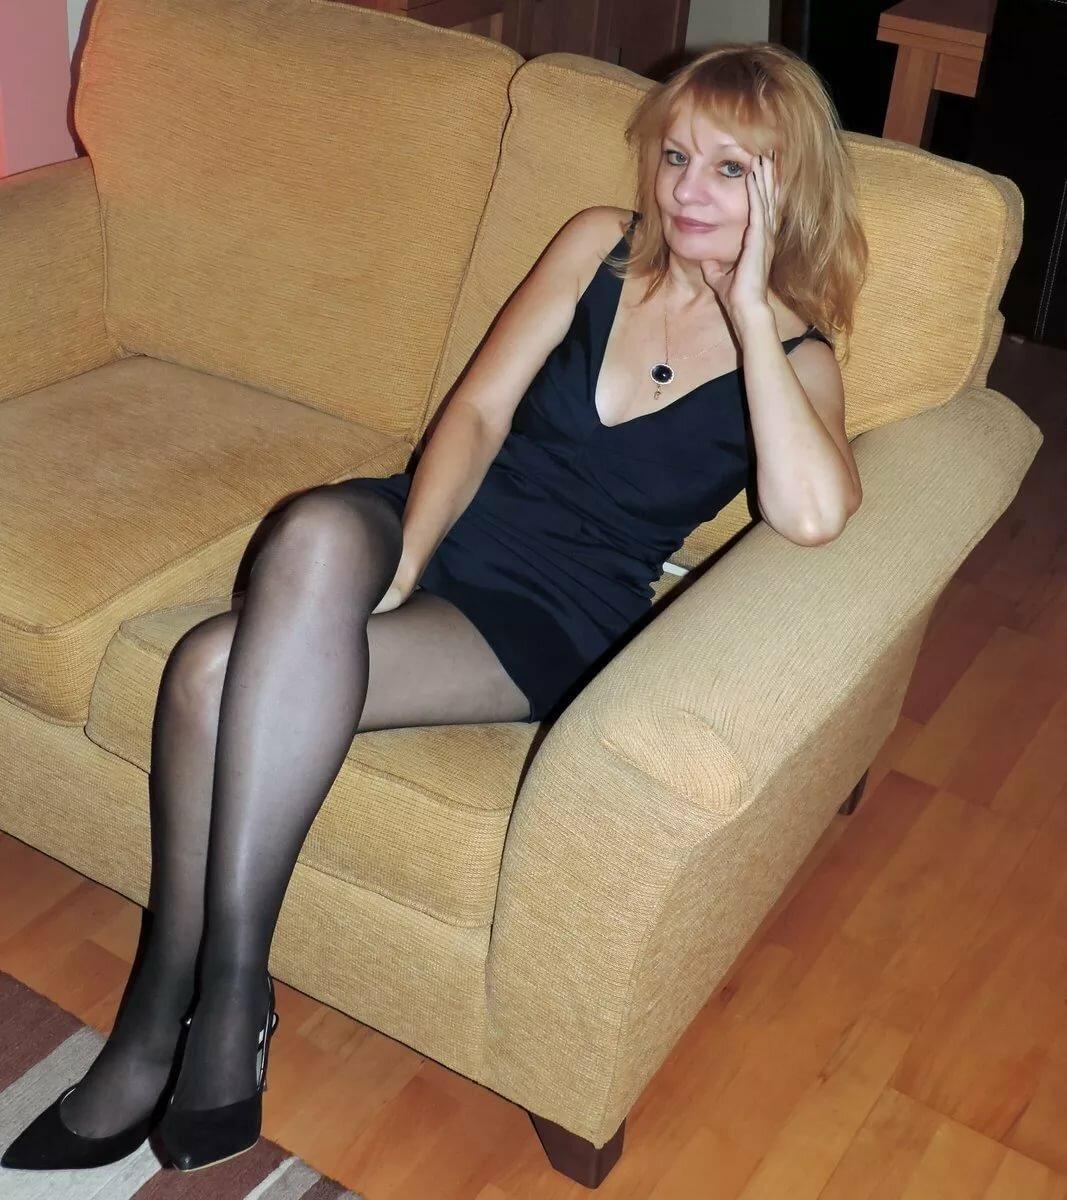 Фото галереи зрелых жен #4